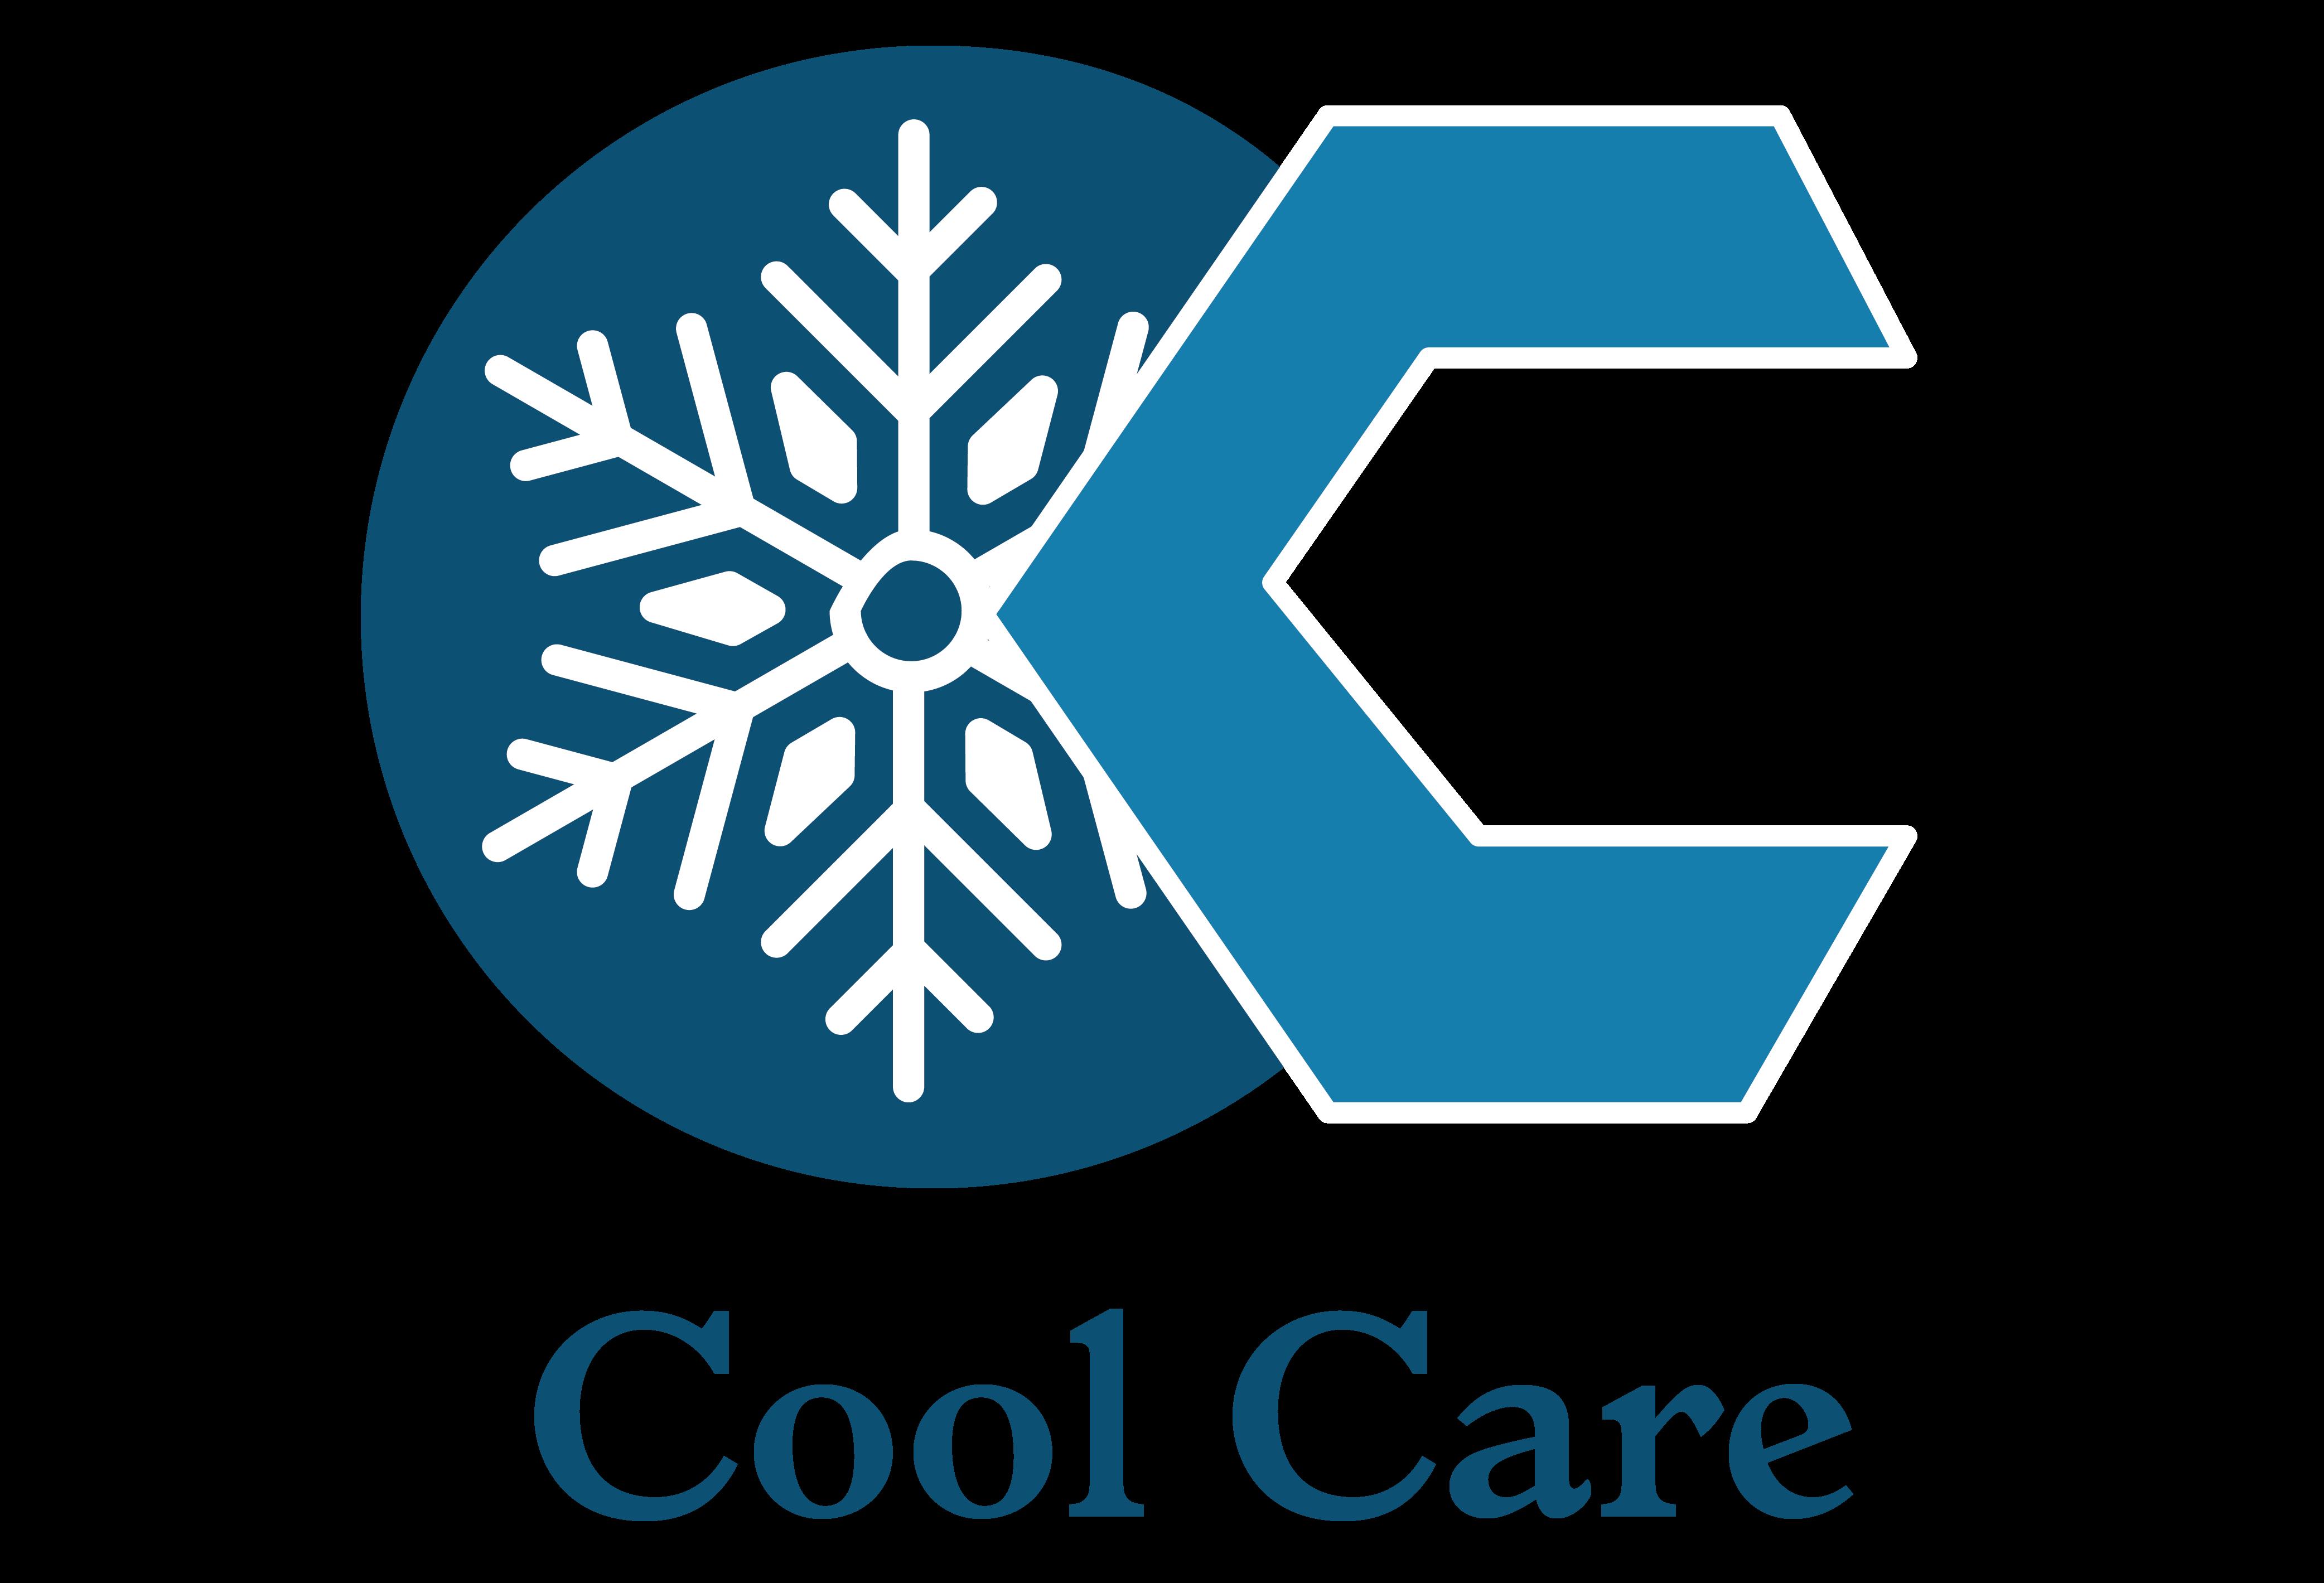 coolcare -Aircon service